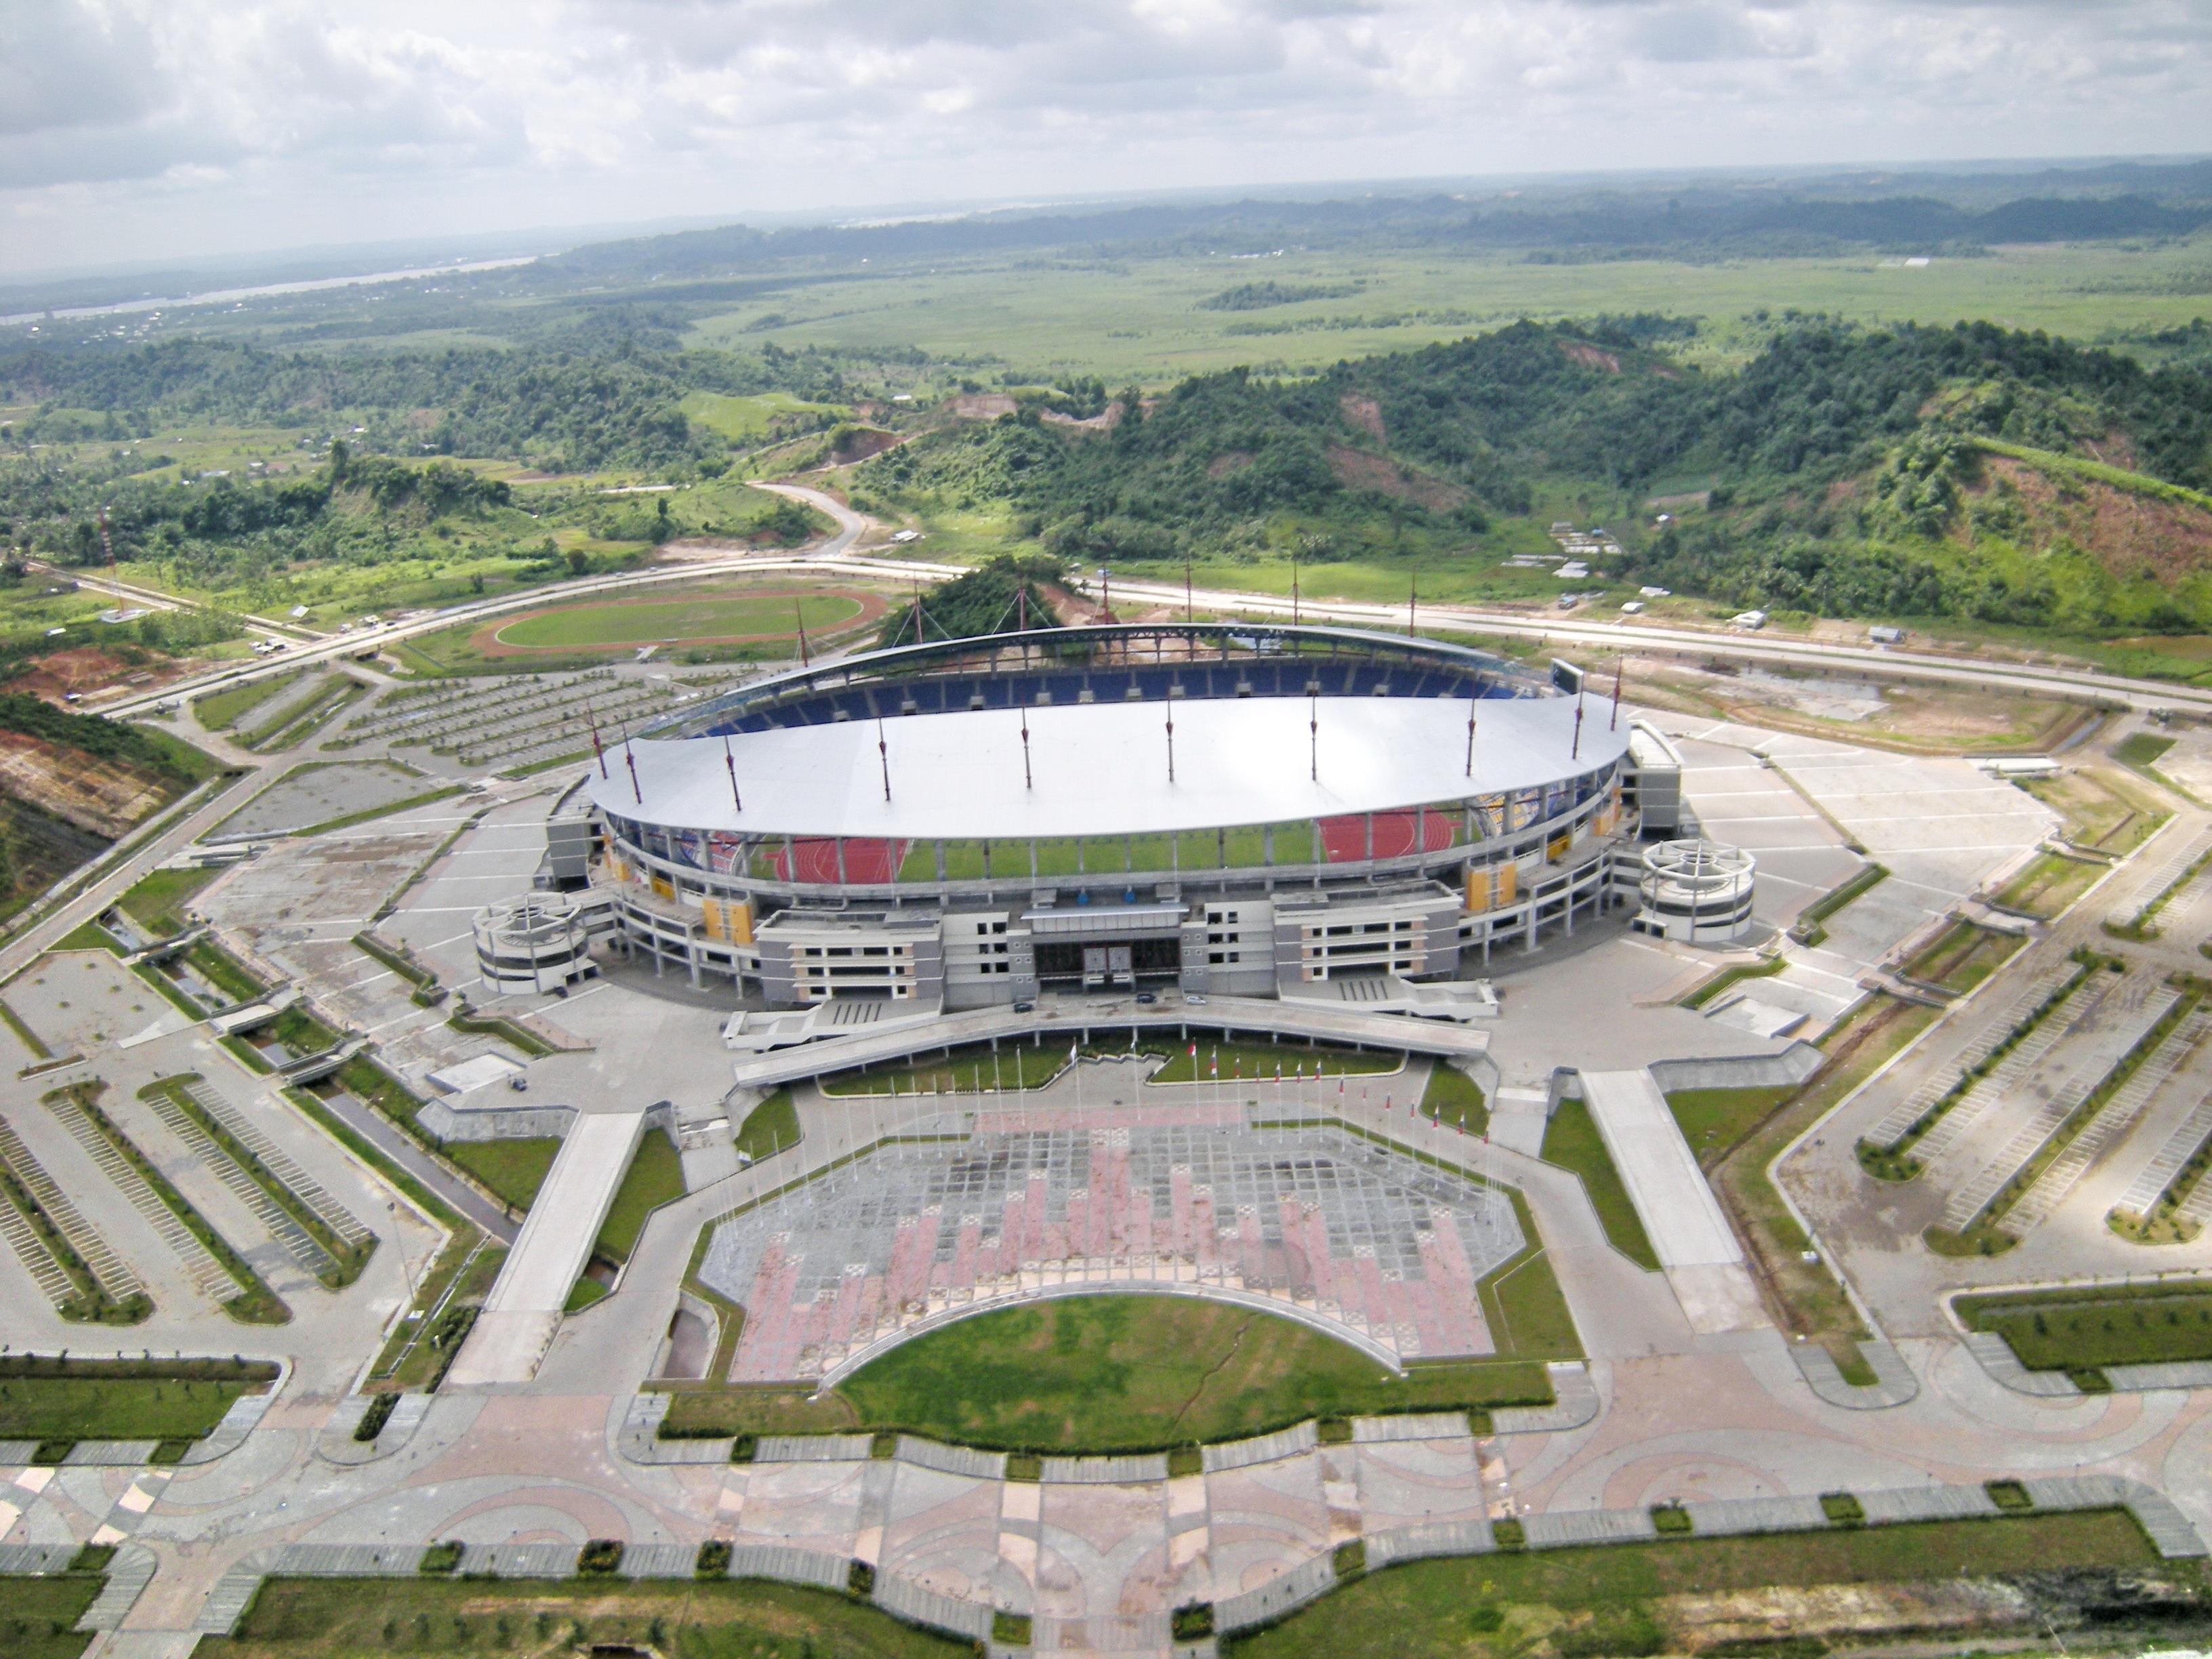 Berkas Stadion Utama Palaran Kaltim Jpg Wikipedia Bahasa Indonesia Kota